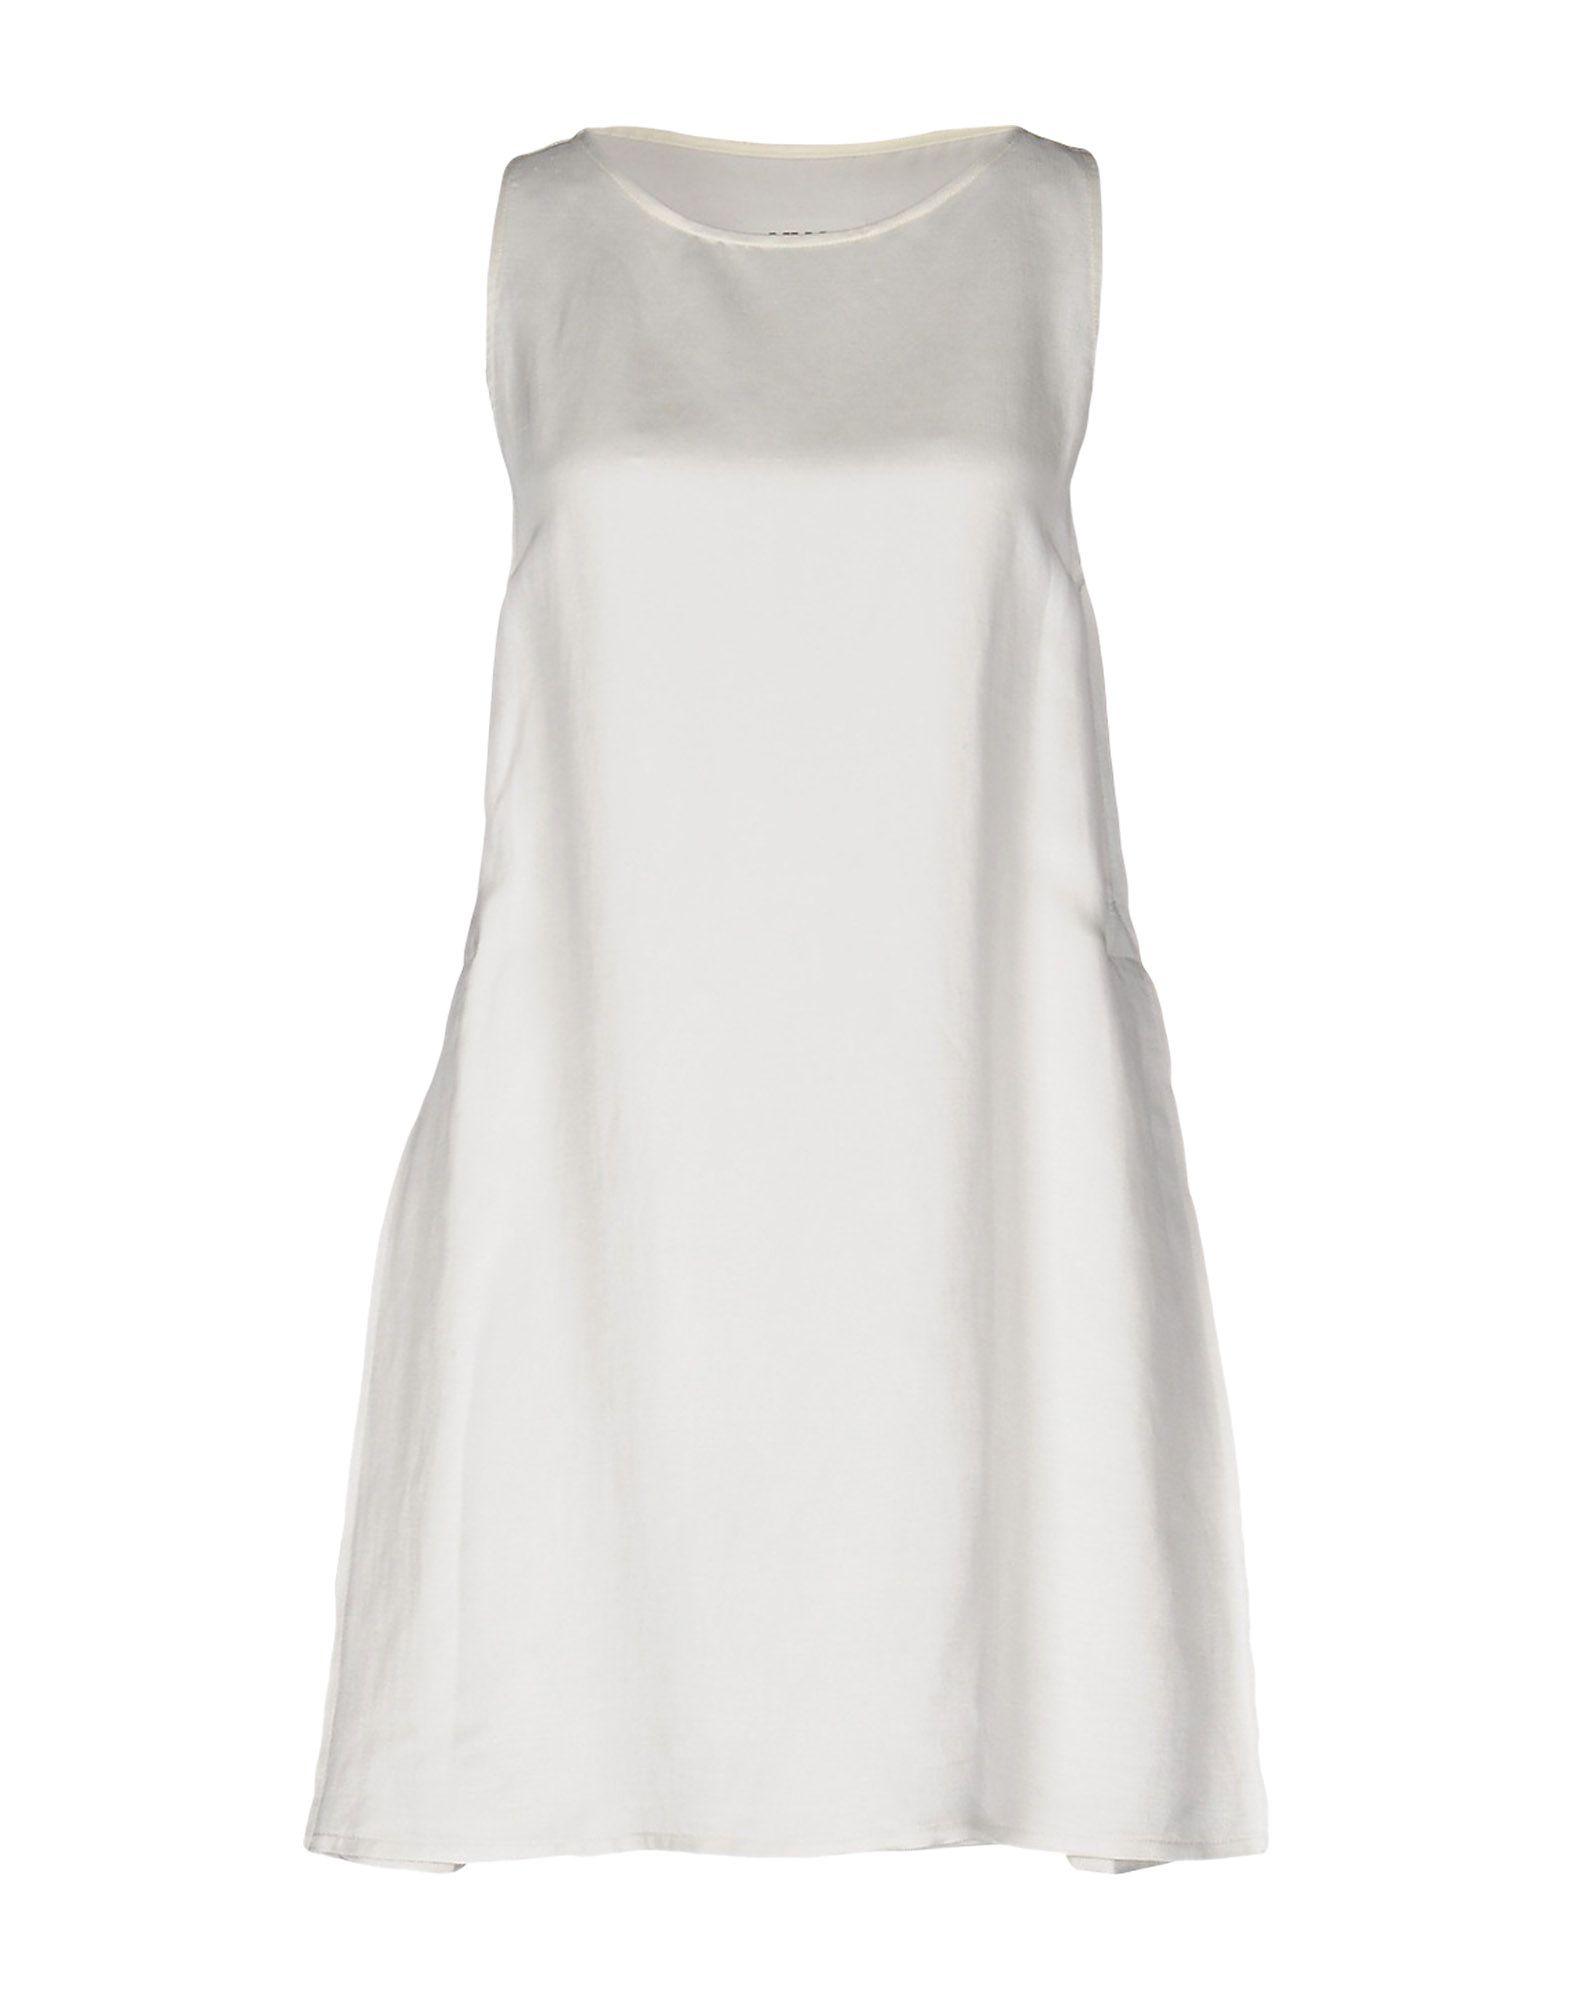 MM6 MAISON MARGIELA Damen Kurzes Kleid Farbe Beige Größe 5 - broschei